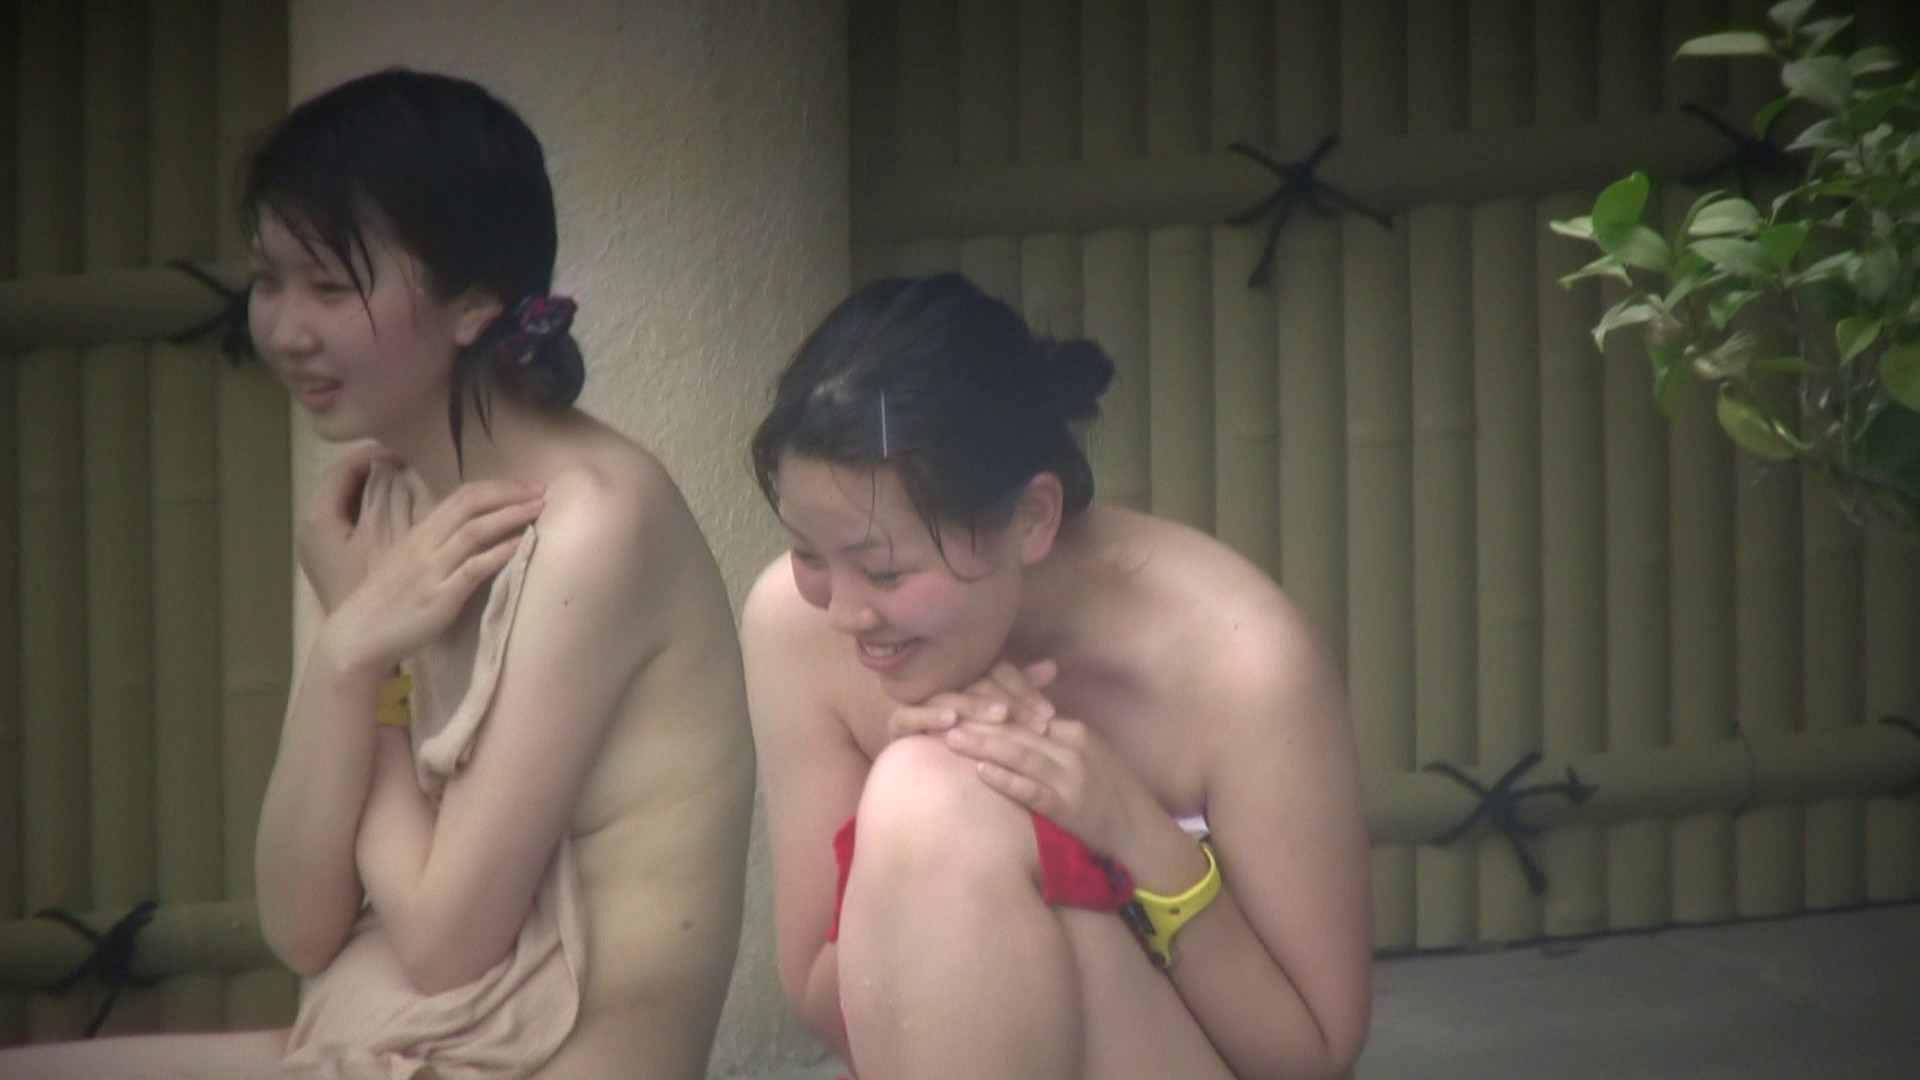 Aquaな露天風呂Vol.128 OLハメ撮り  113Pix 75